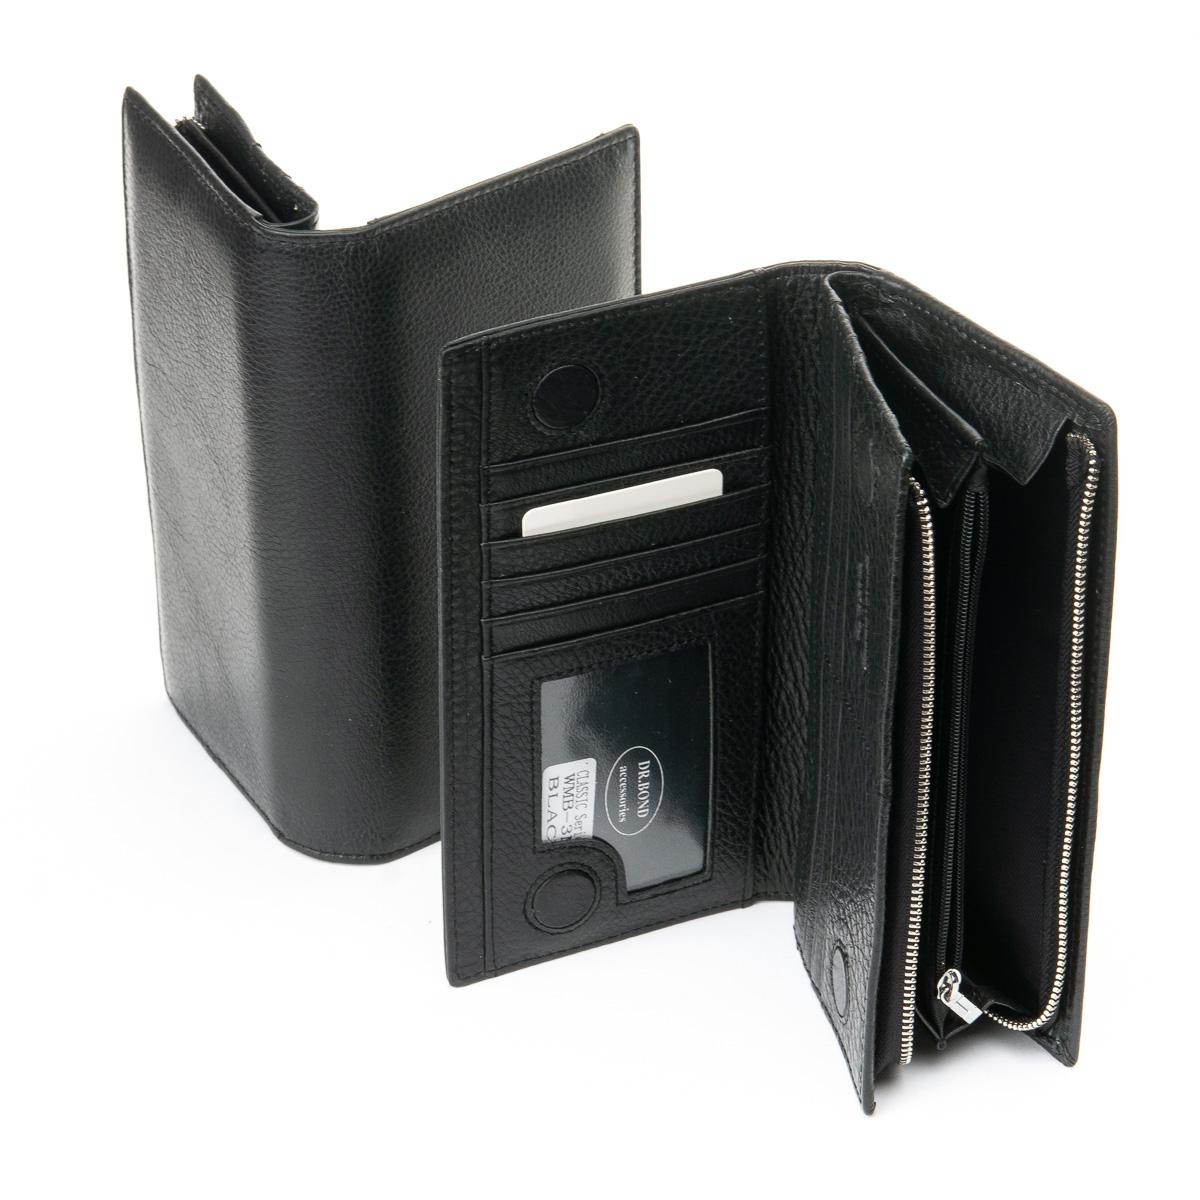 Модный мужской клатч «Dr.Bond» компактного размера из натуральной кожи фото 1